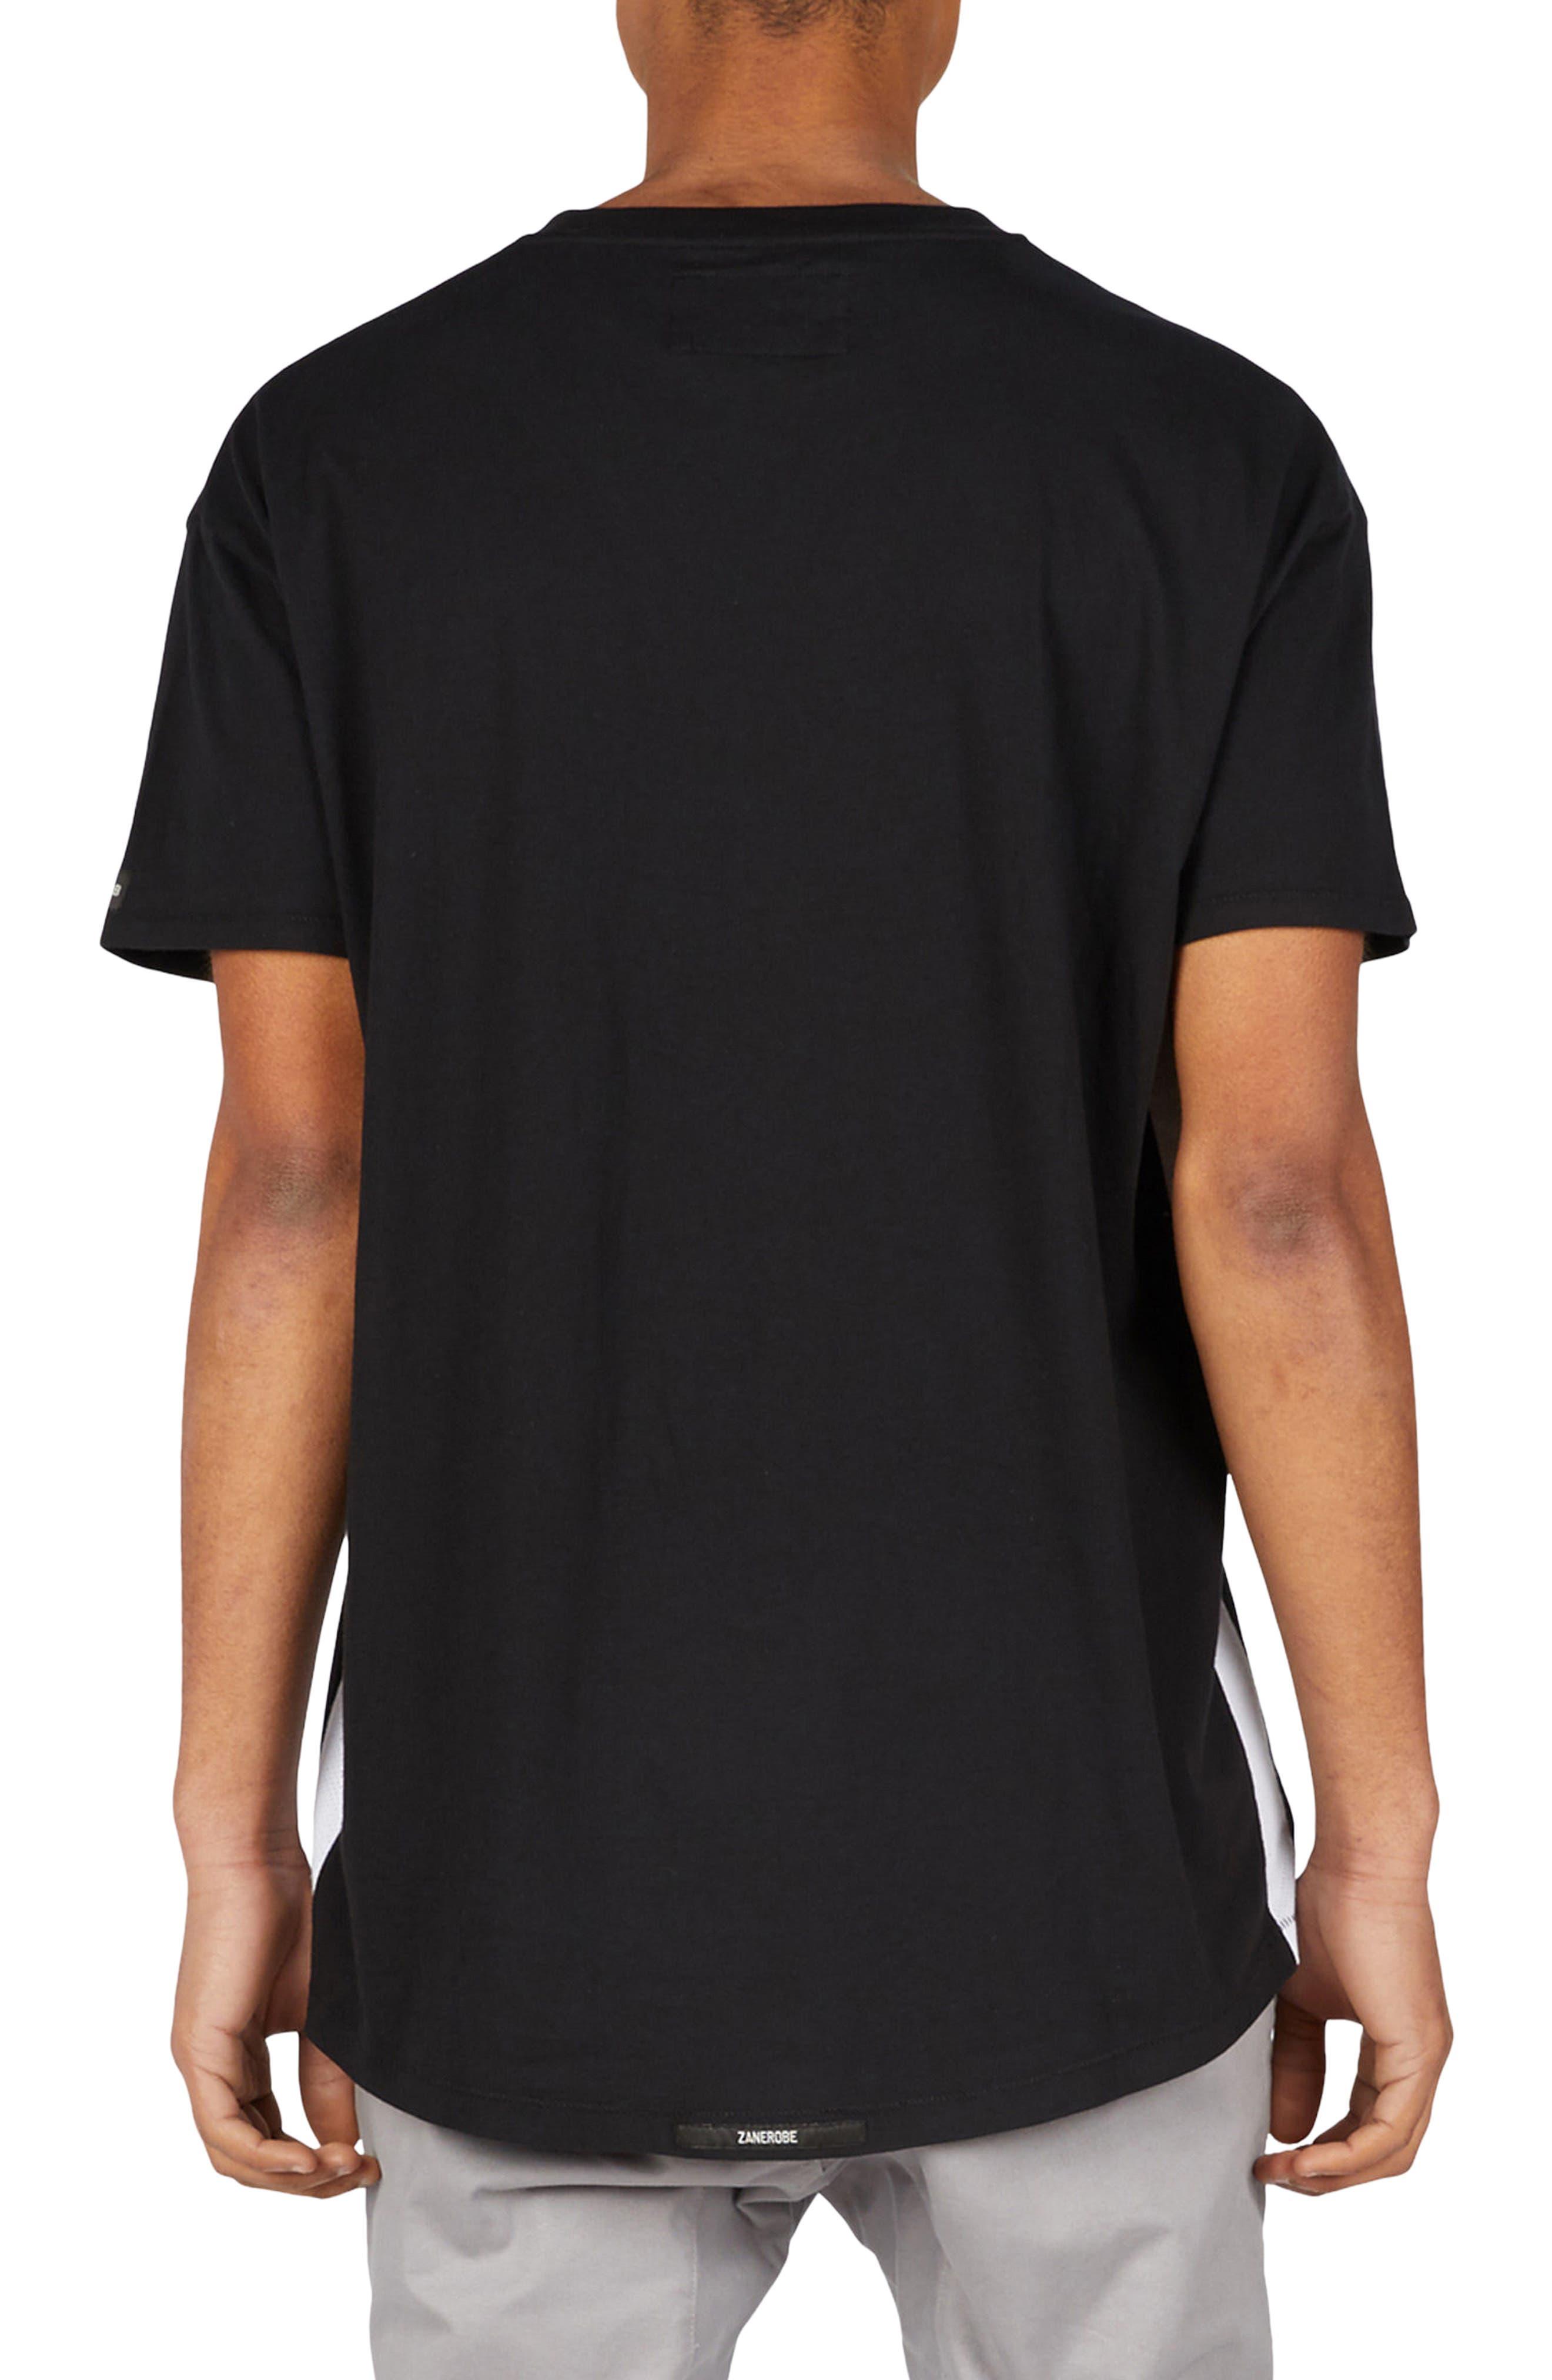 Sideline Rugger T-Shirt,                             Alternate thumbnail 2, color,                             BLACK